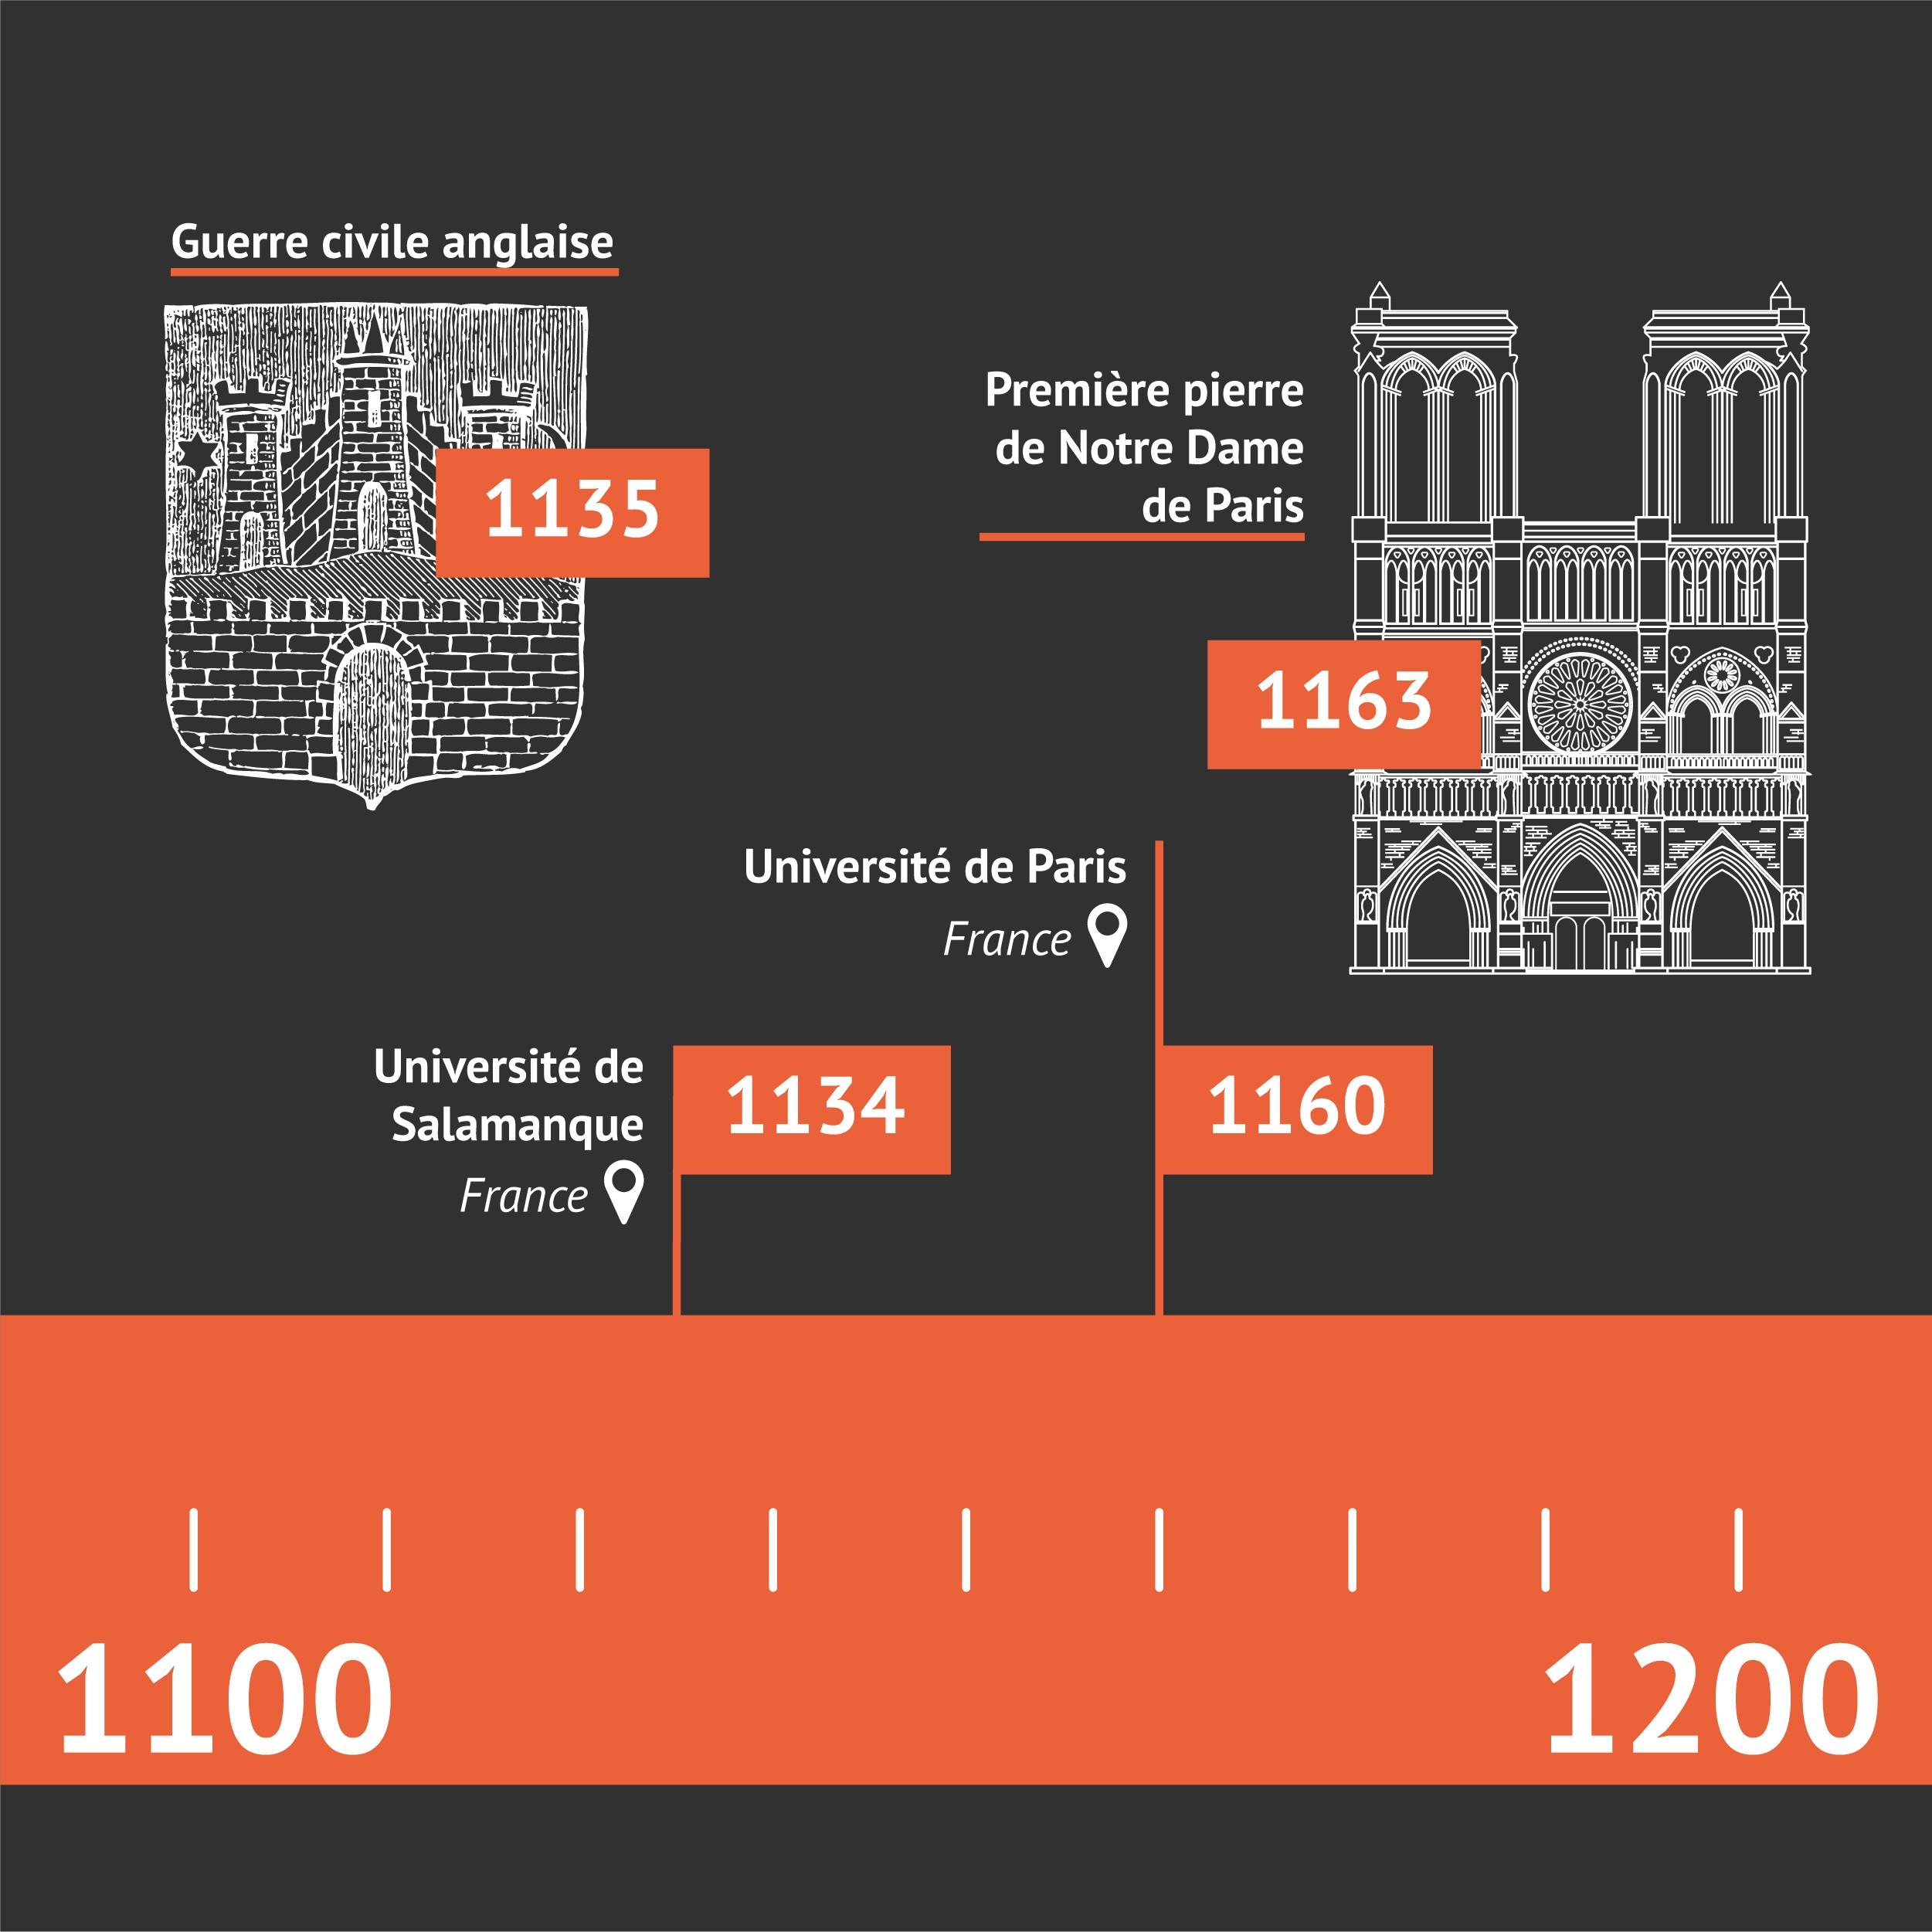 Les 10 plus vieilles universités du monde